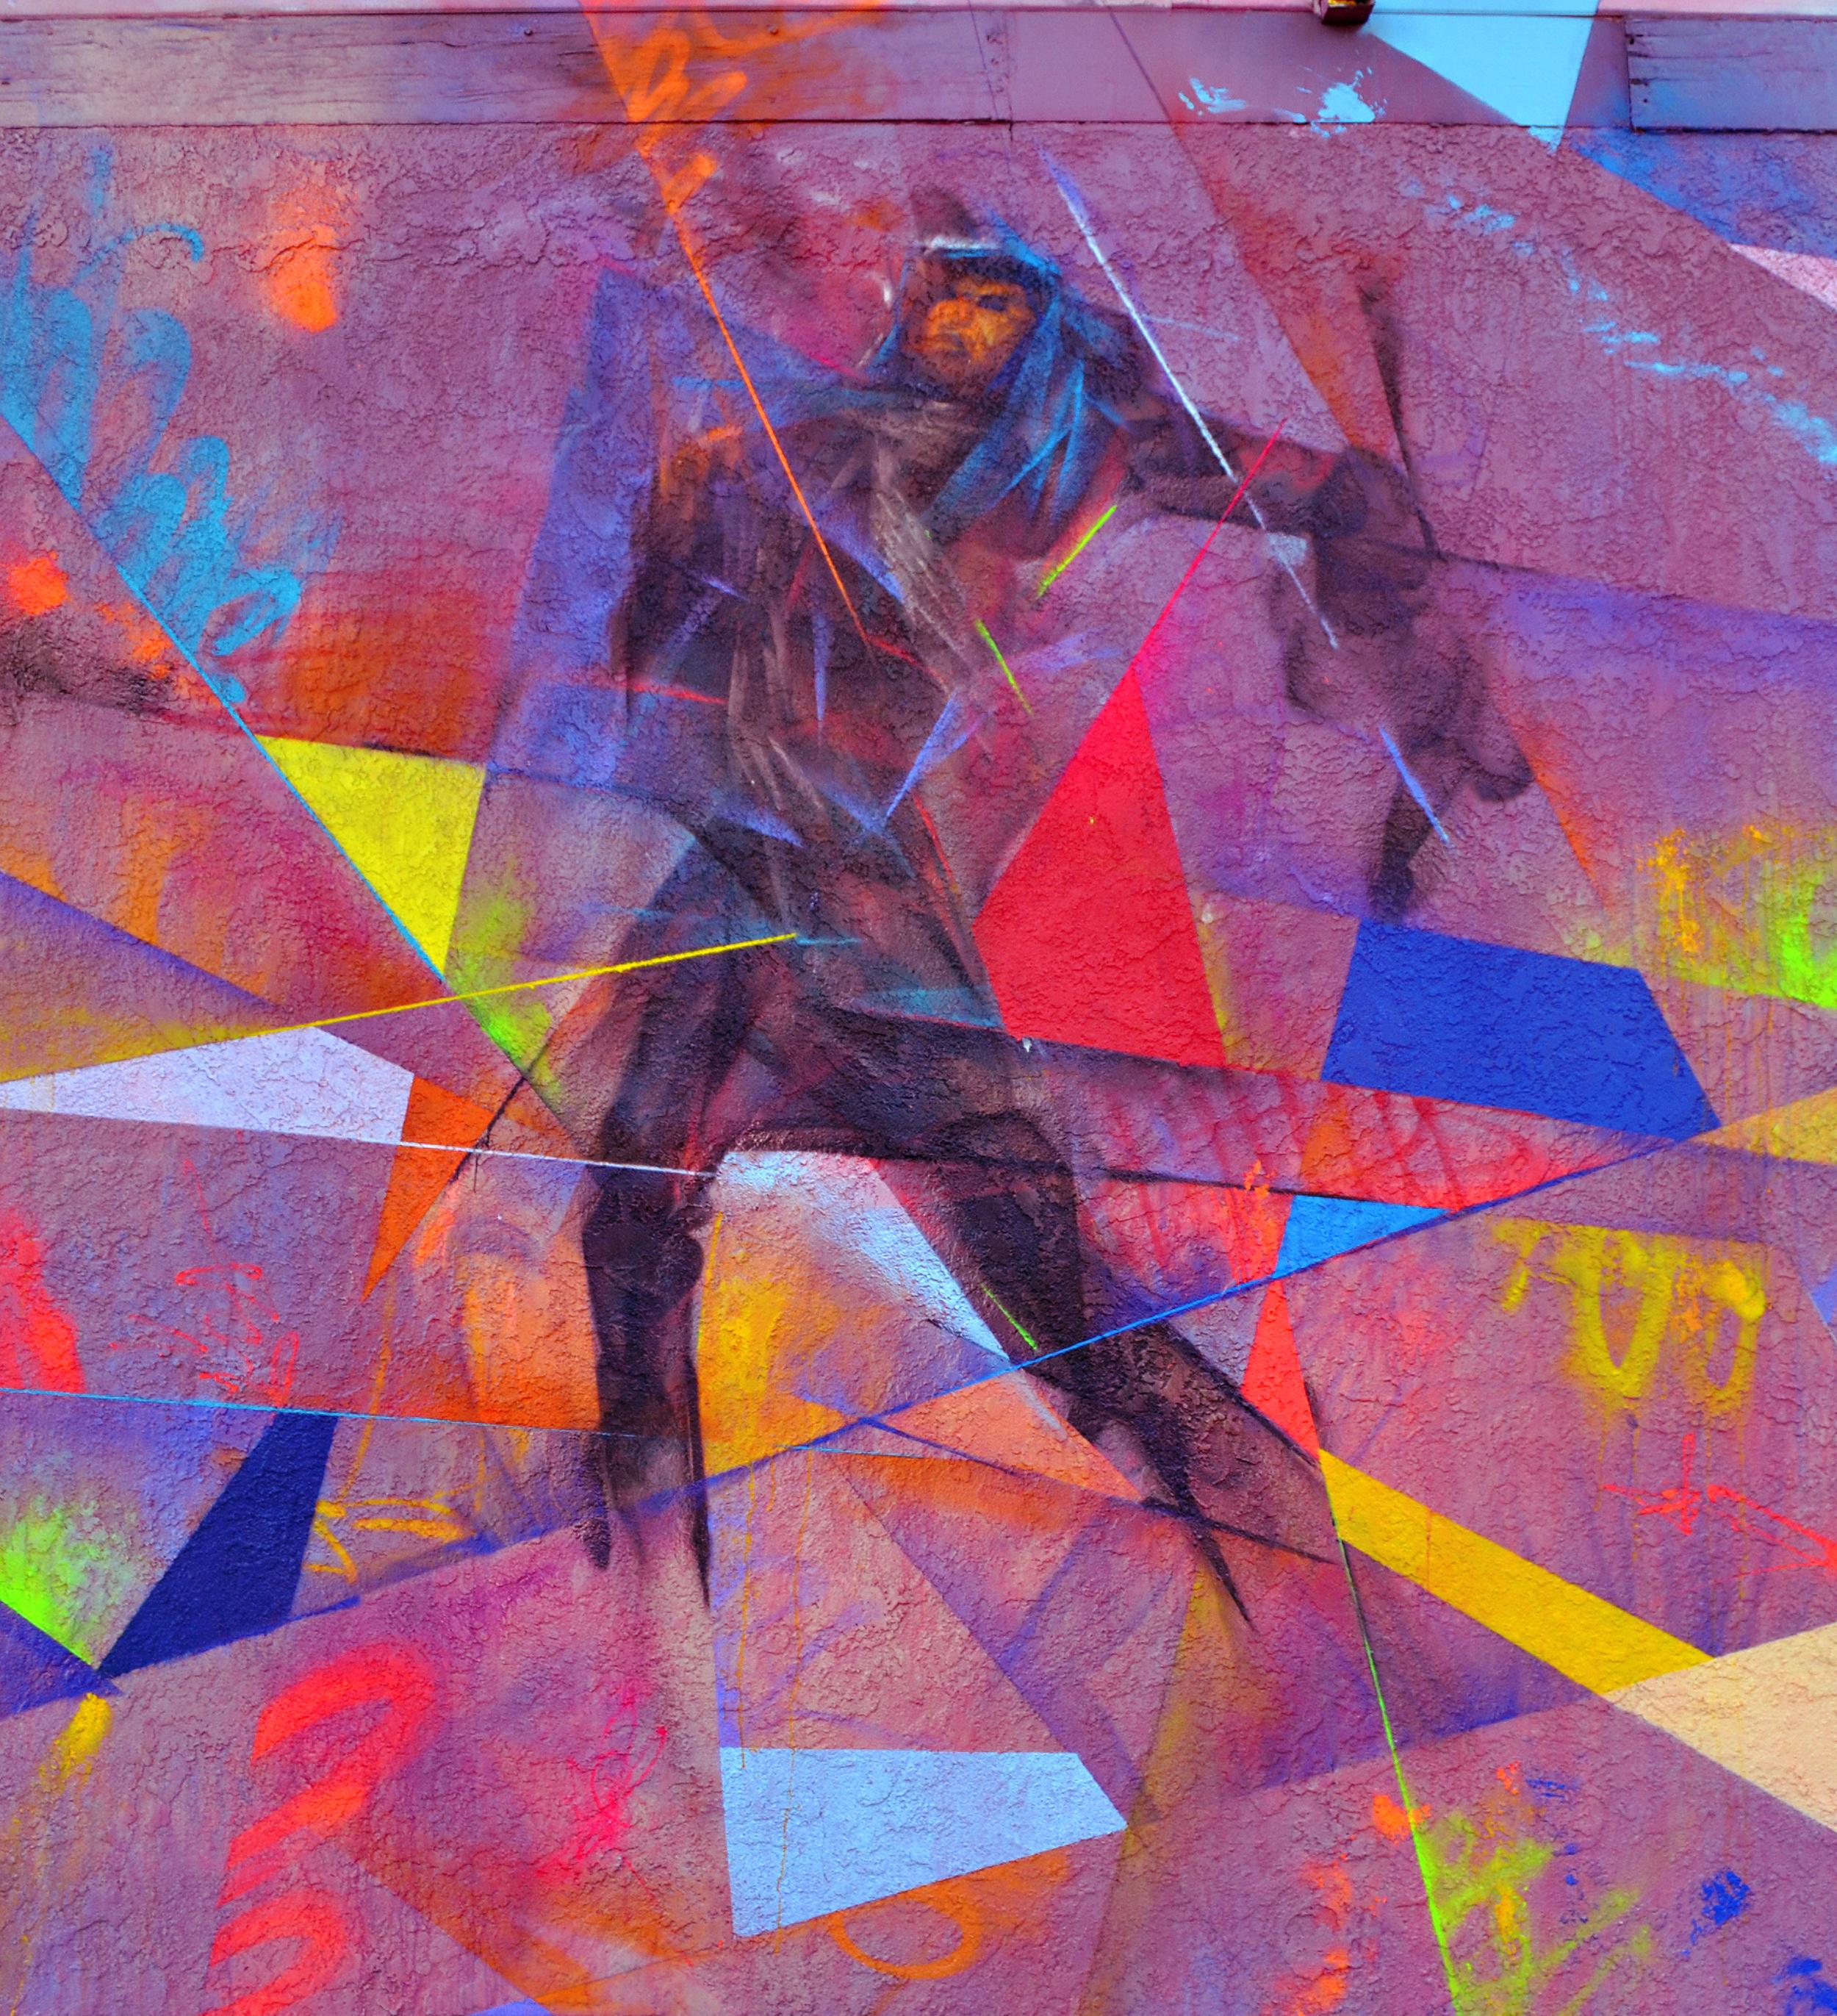 poesia-samuel-rodriguez-unrest-mural-05.jpg